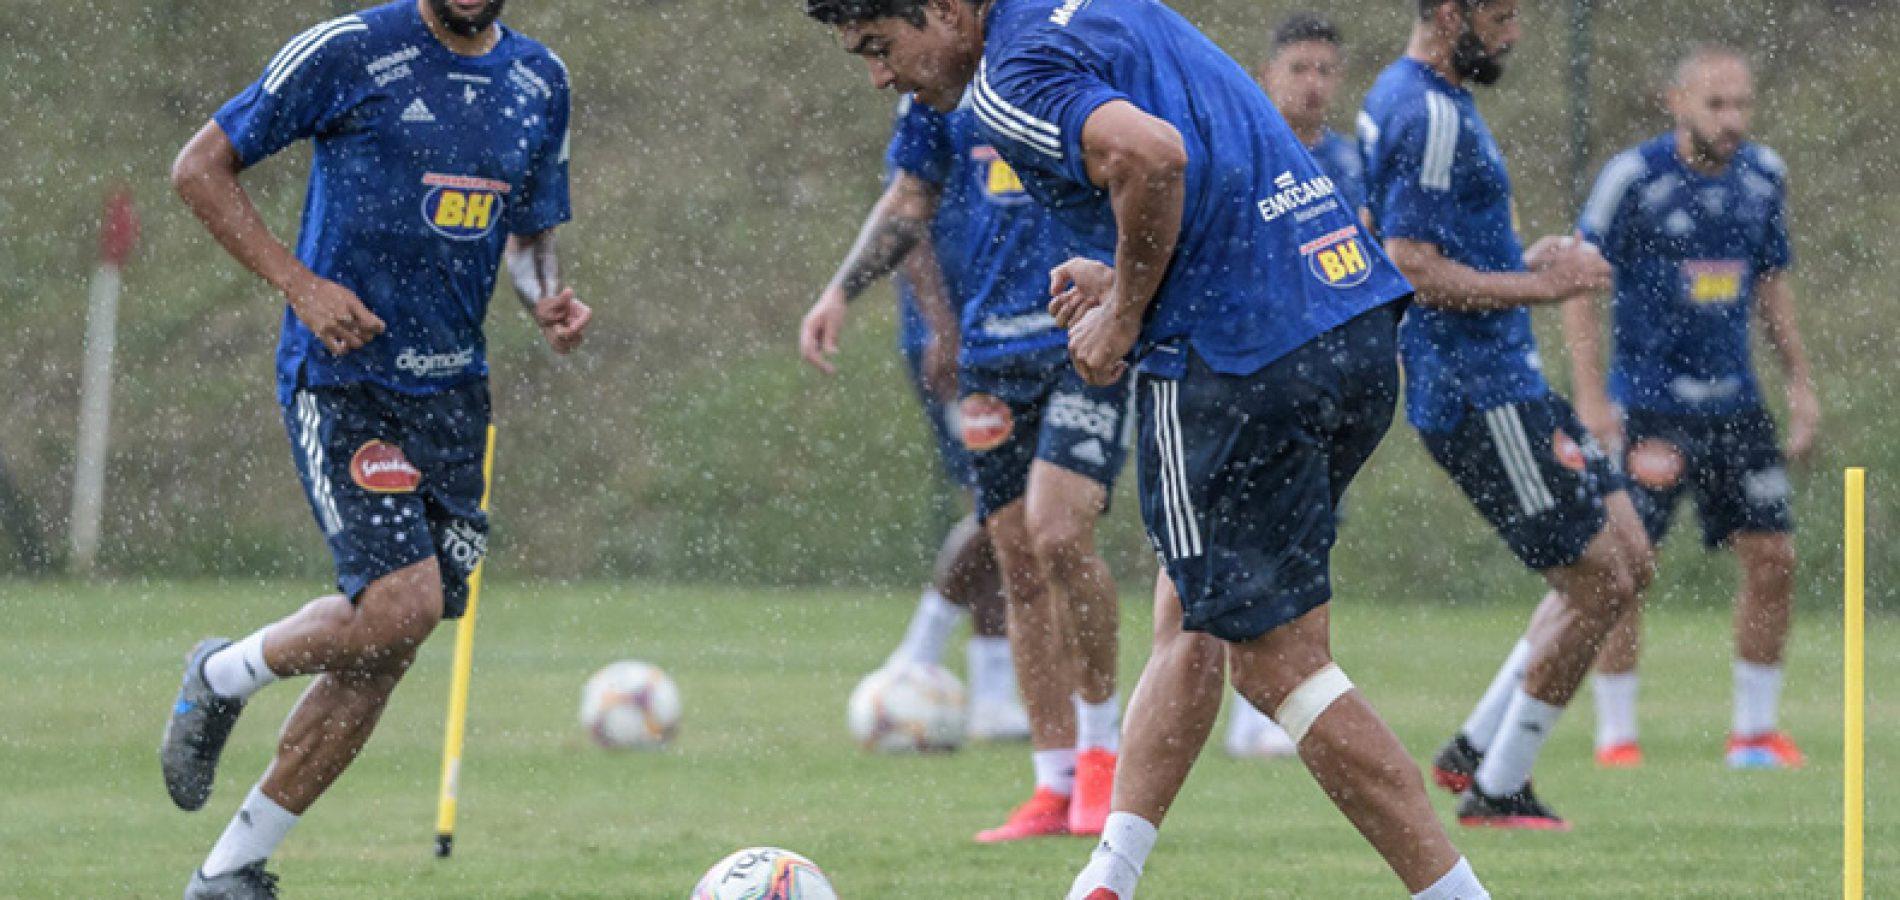 Fifa aperta cerco sobre clubes devedores e brasileiros estão na mira